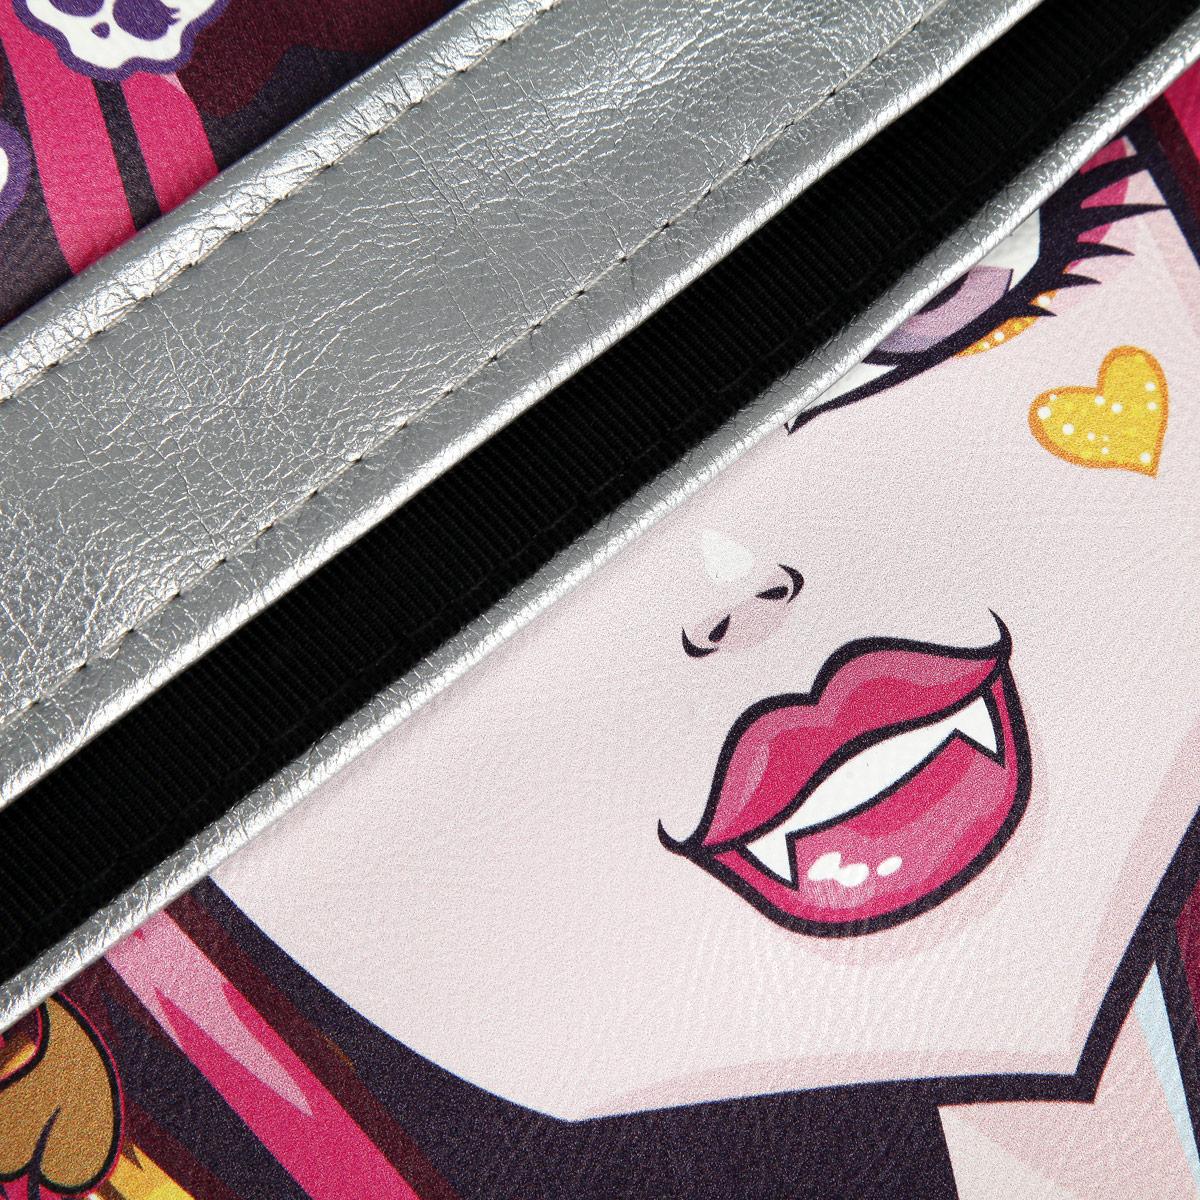 Молодежная сумка Monster High сочетает в себе современный дизайн, функциональность и долговечность.Она выполнена из искусственной кожи и оформлена изображением одной из героинь популярного мультсериала Школа Монстров.Сумка имеет одно вместительное отделение, разделенное пополам карманом-средником на молнии. Внутри - вшитый карман на молнии. Закрывается сумка на застежку-молнию.С задней стороны сумки находится вшитый карман на молнии.Сумка оснащена плечевым ремнем регулируемой длины, максимальная длина -128 см, минимальная - 52 см.Такая сумка приведет в восторг поклонниц Школы Монстров!